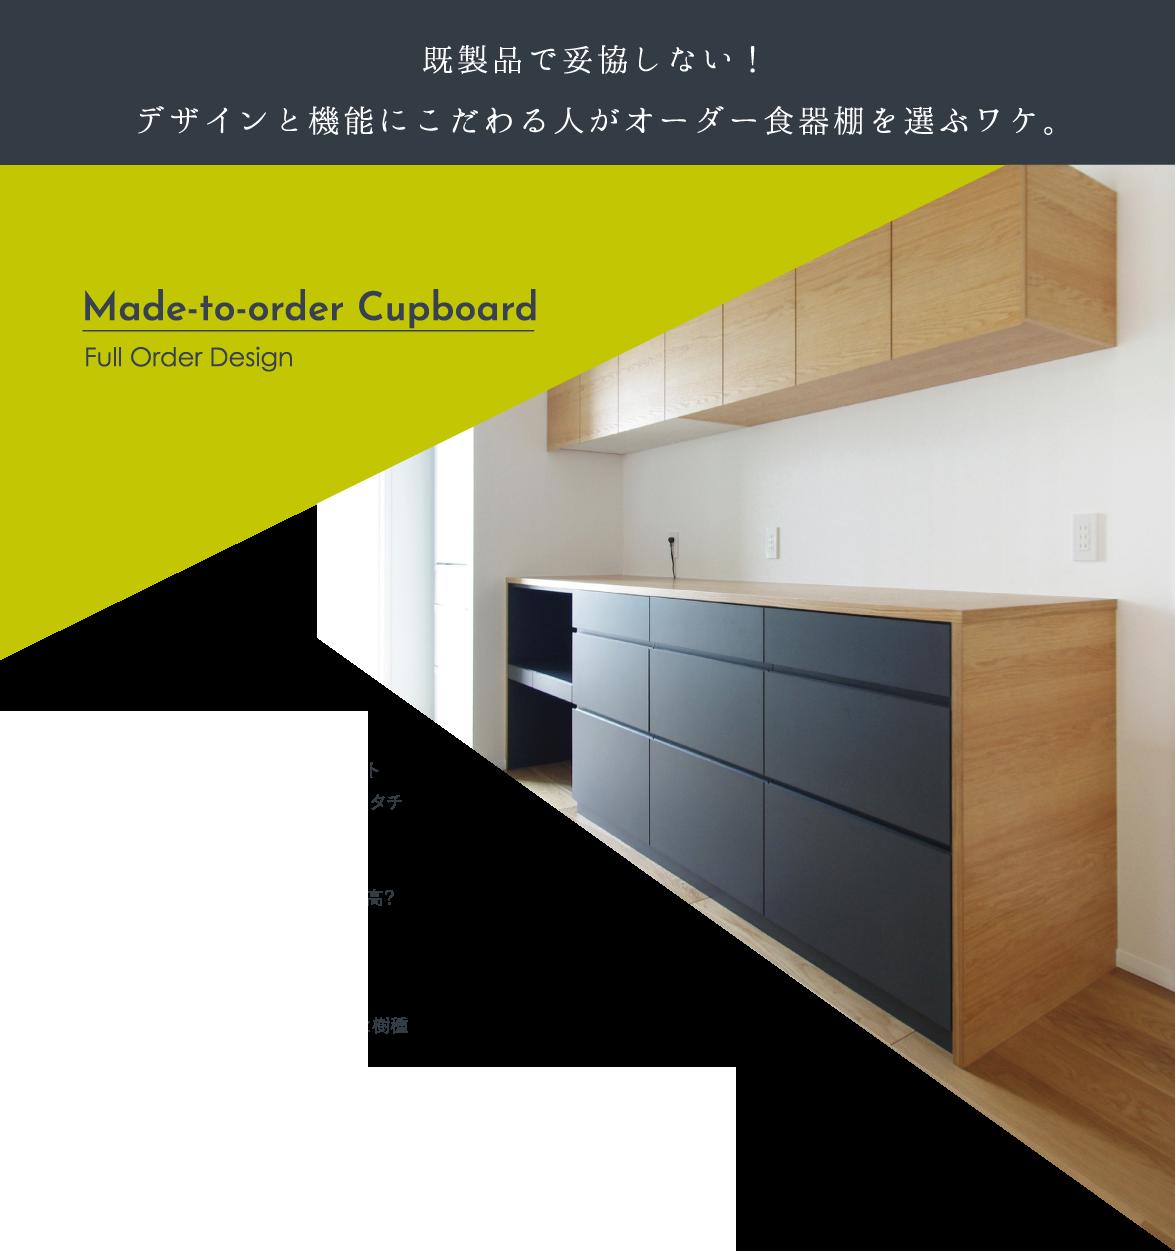 既製品で妥協しない!デザインと機能にこだわる人がオーダー食器棚を選ぶワケ。